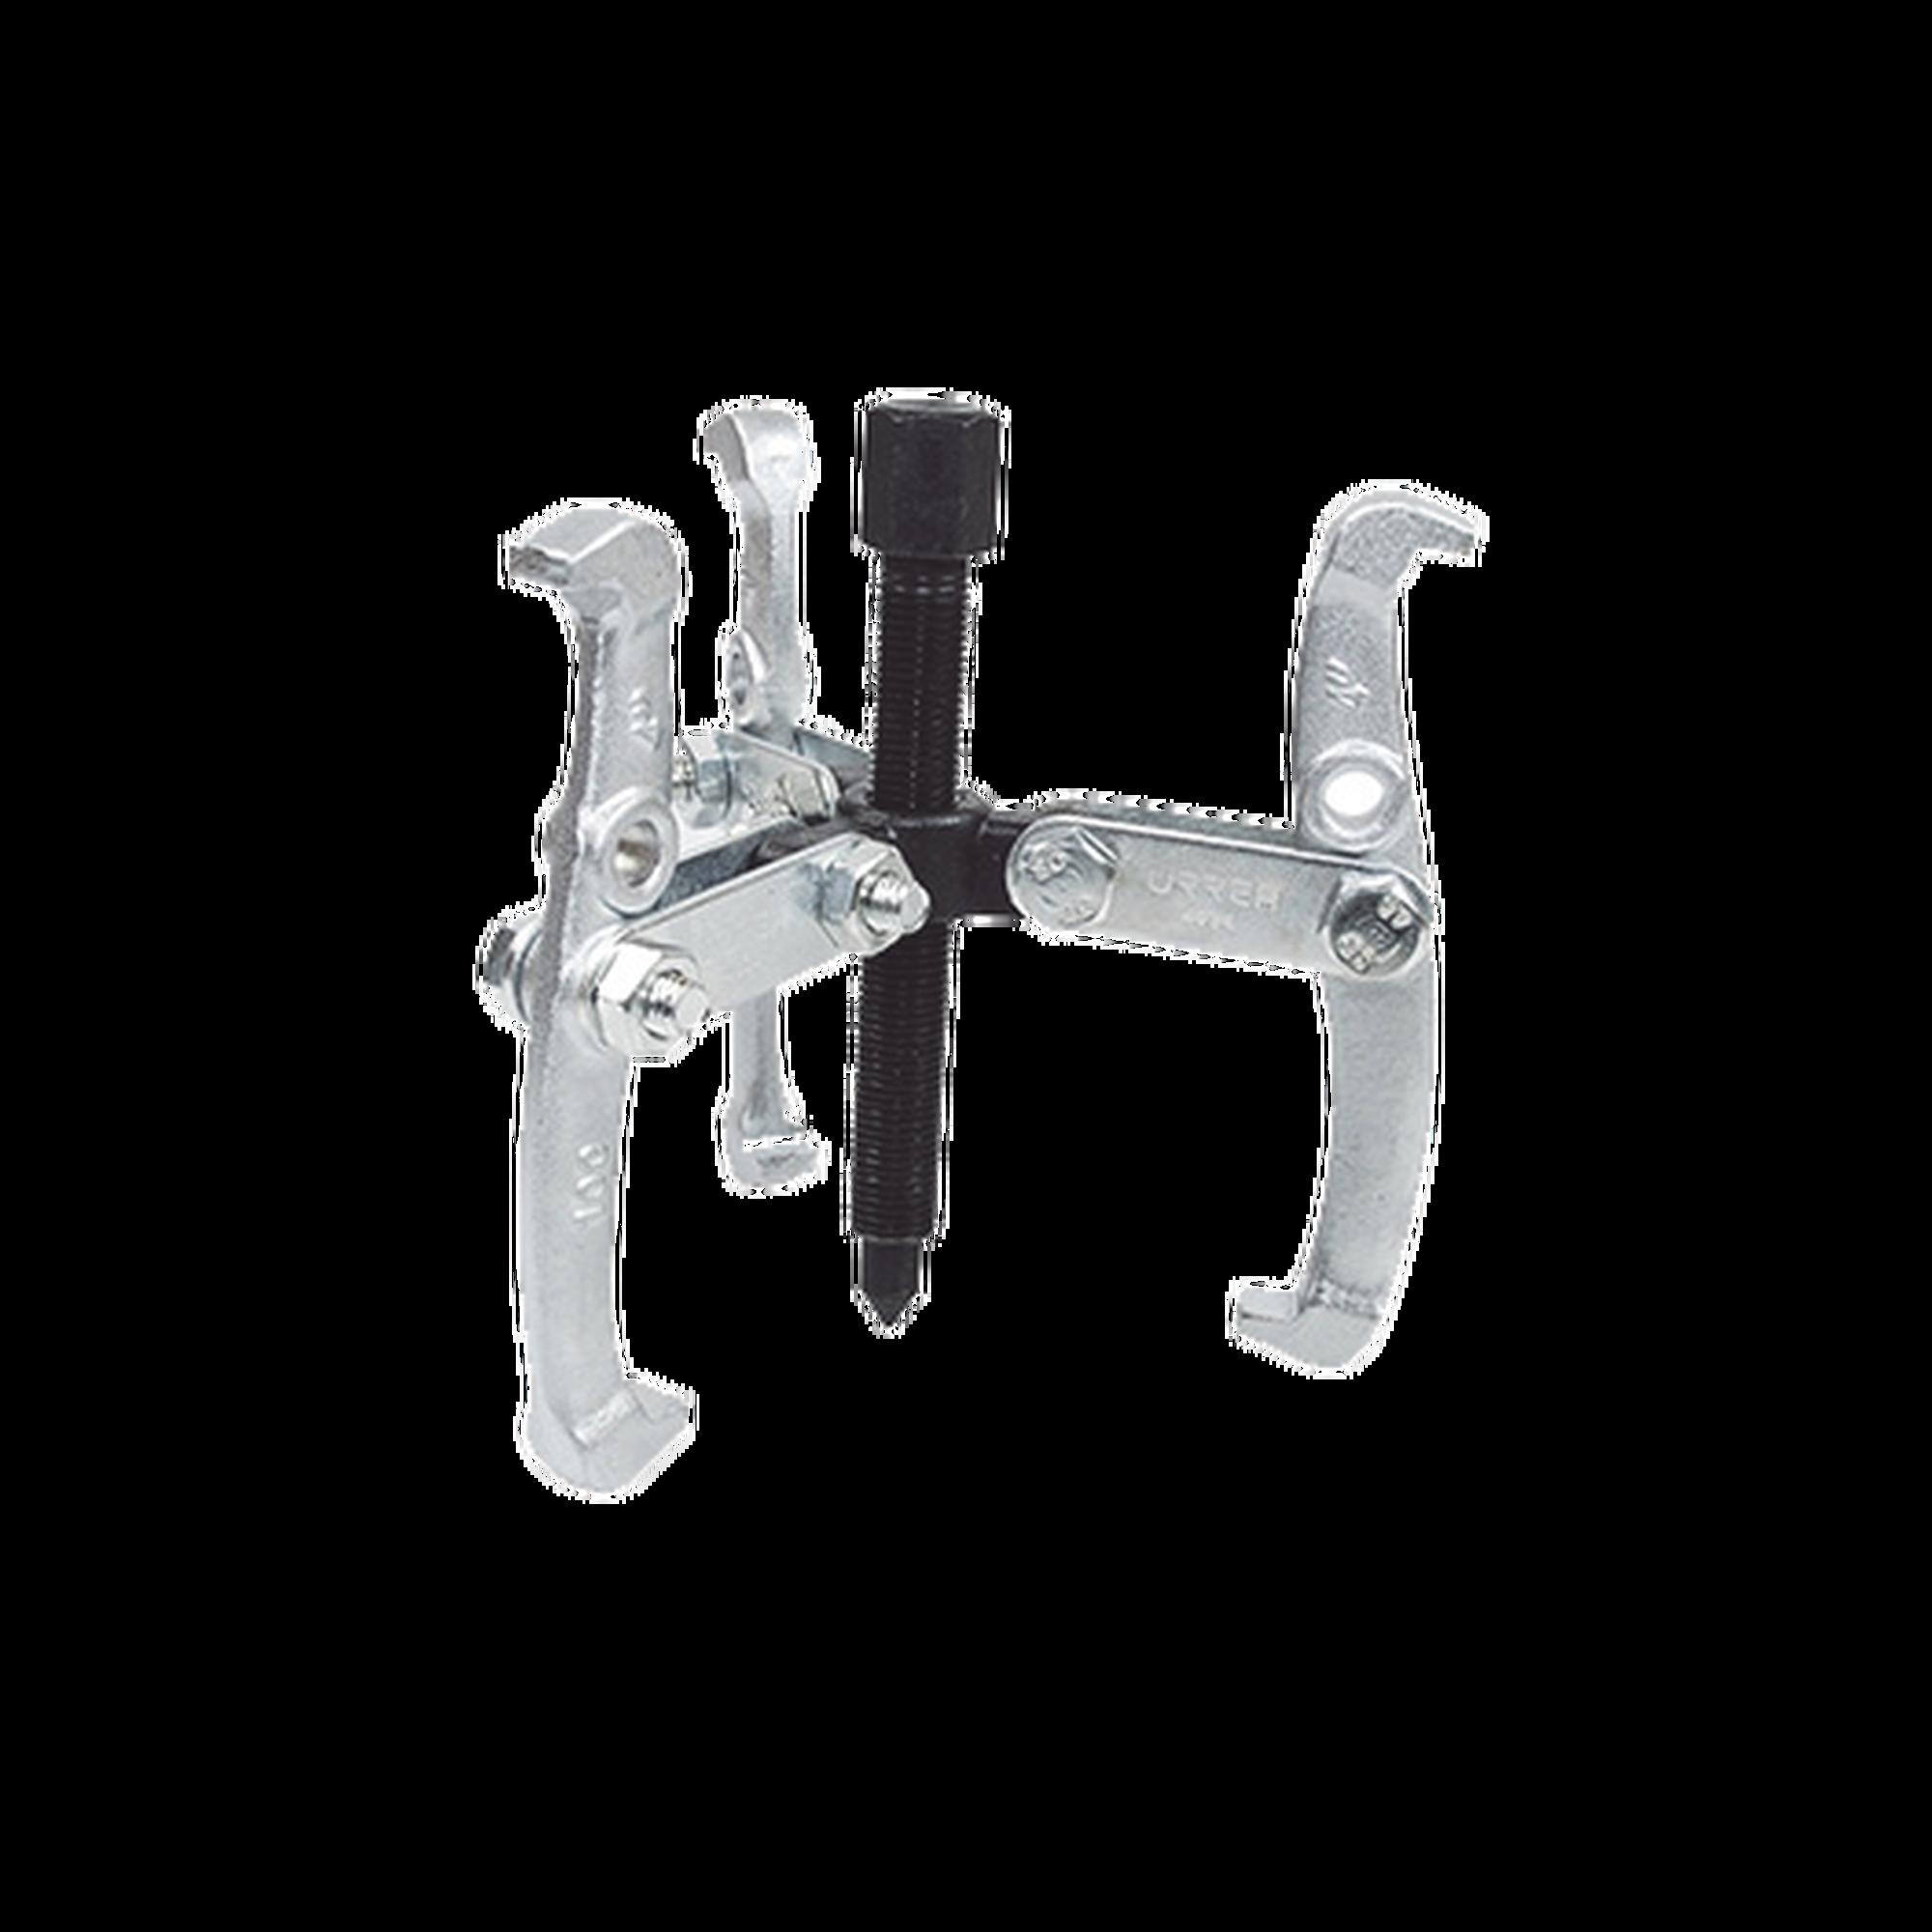 Extractor reversible 2 posiciones 3 quijadas ajustables, capacidad de 2 Toneladas